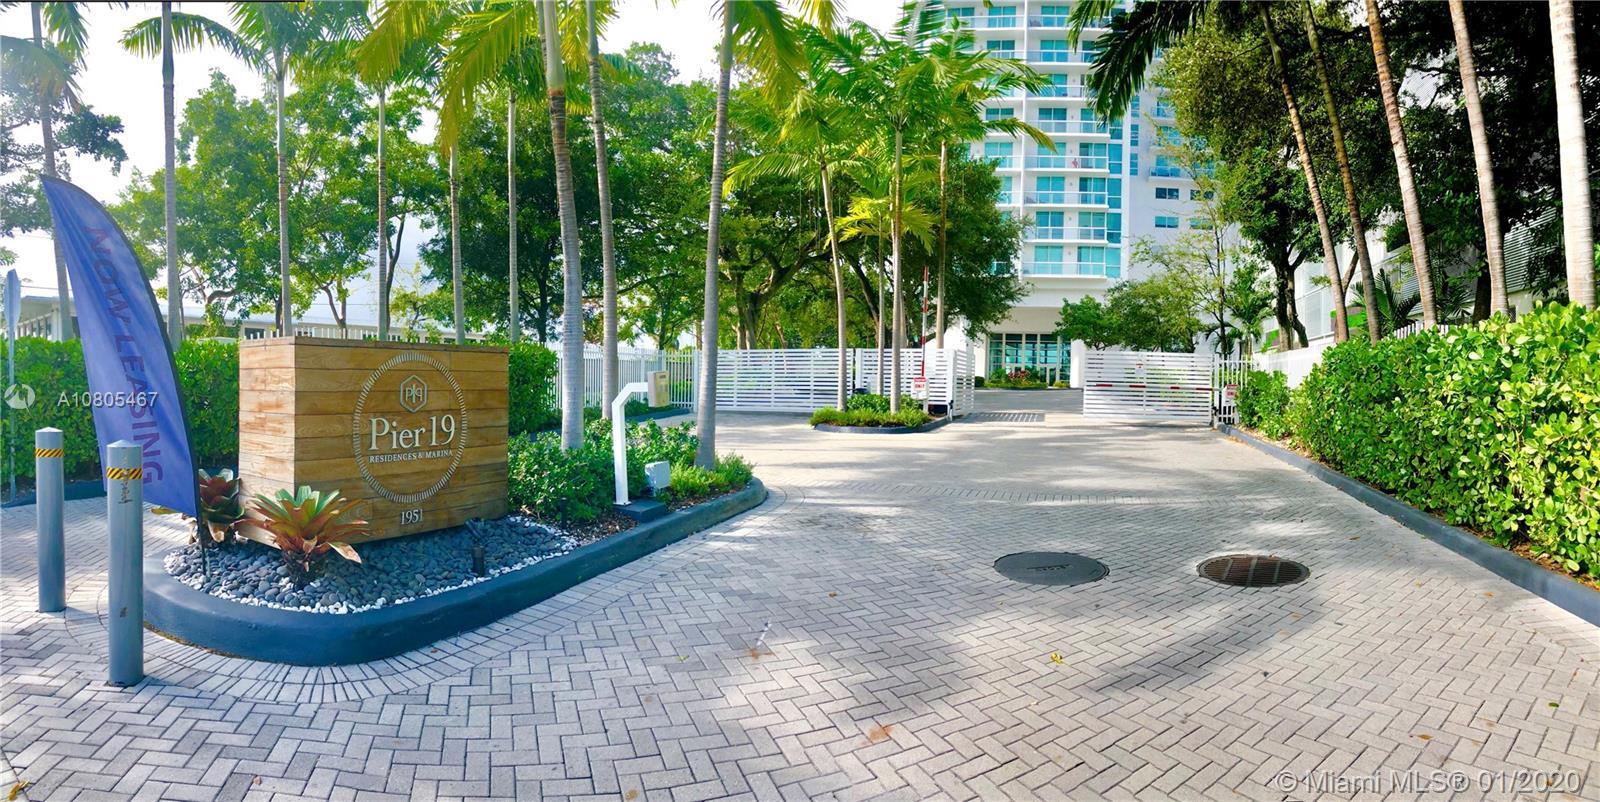 1951 NW South River Dr #703, Miami, FL 33136 - Miami, FL real estate listing